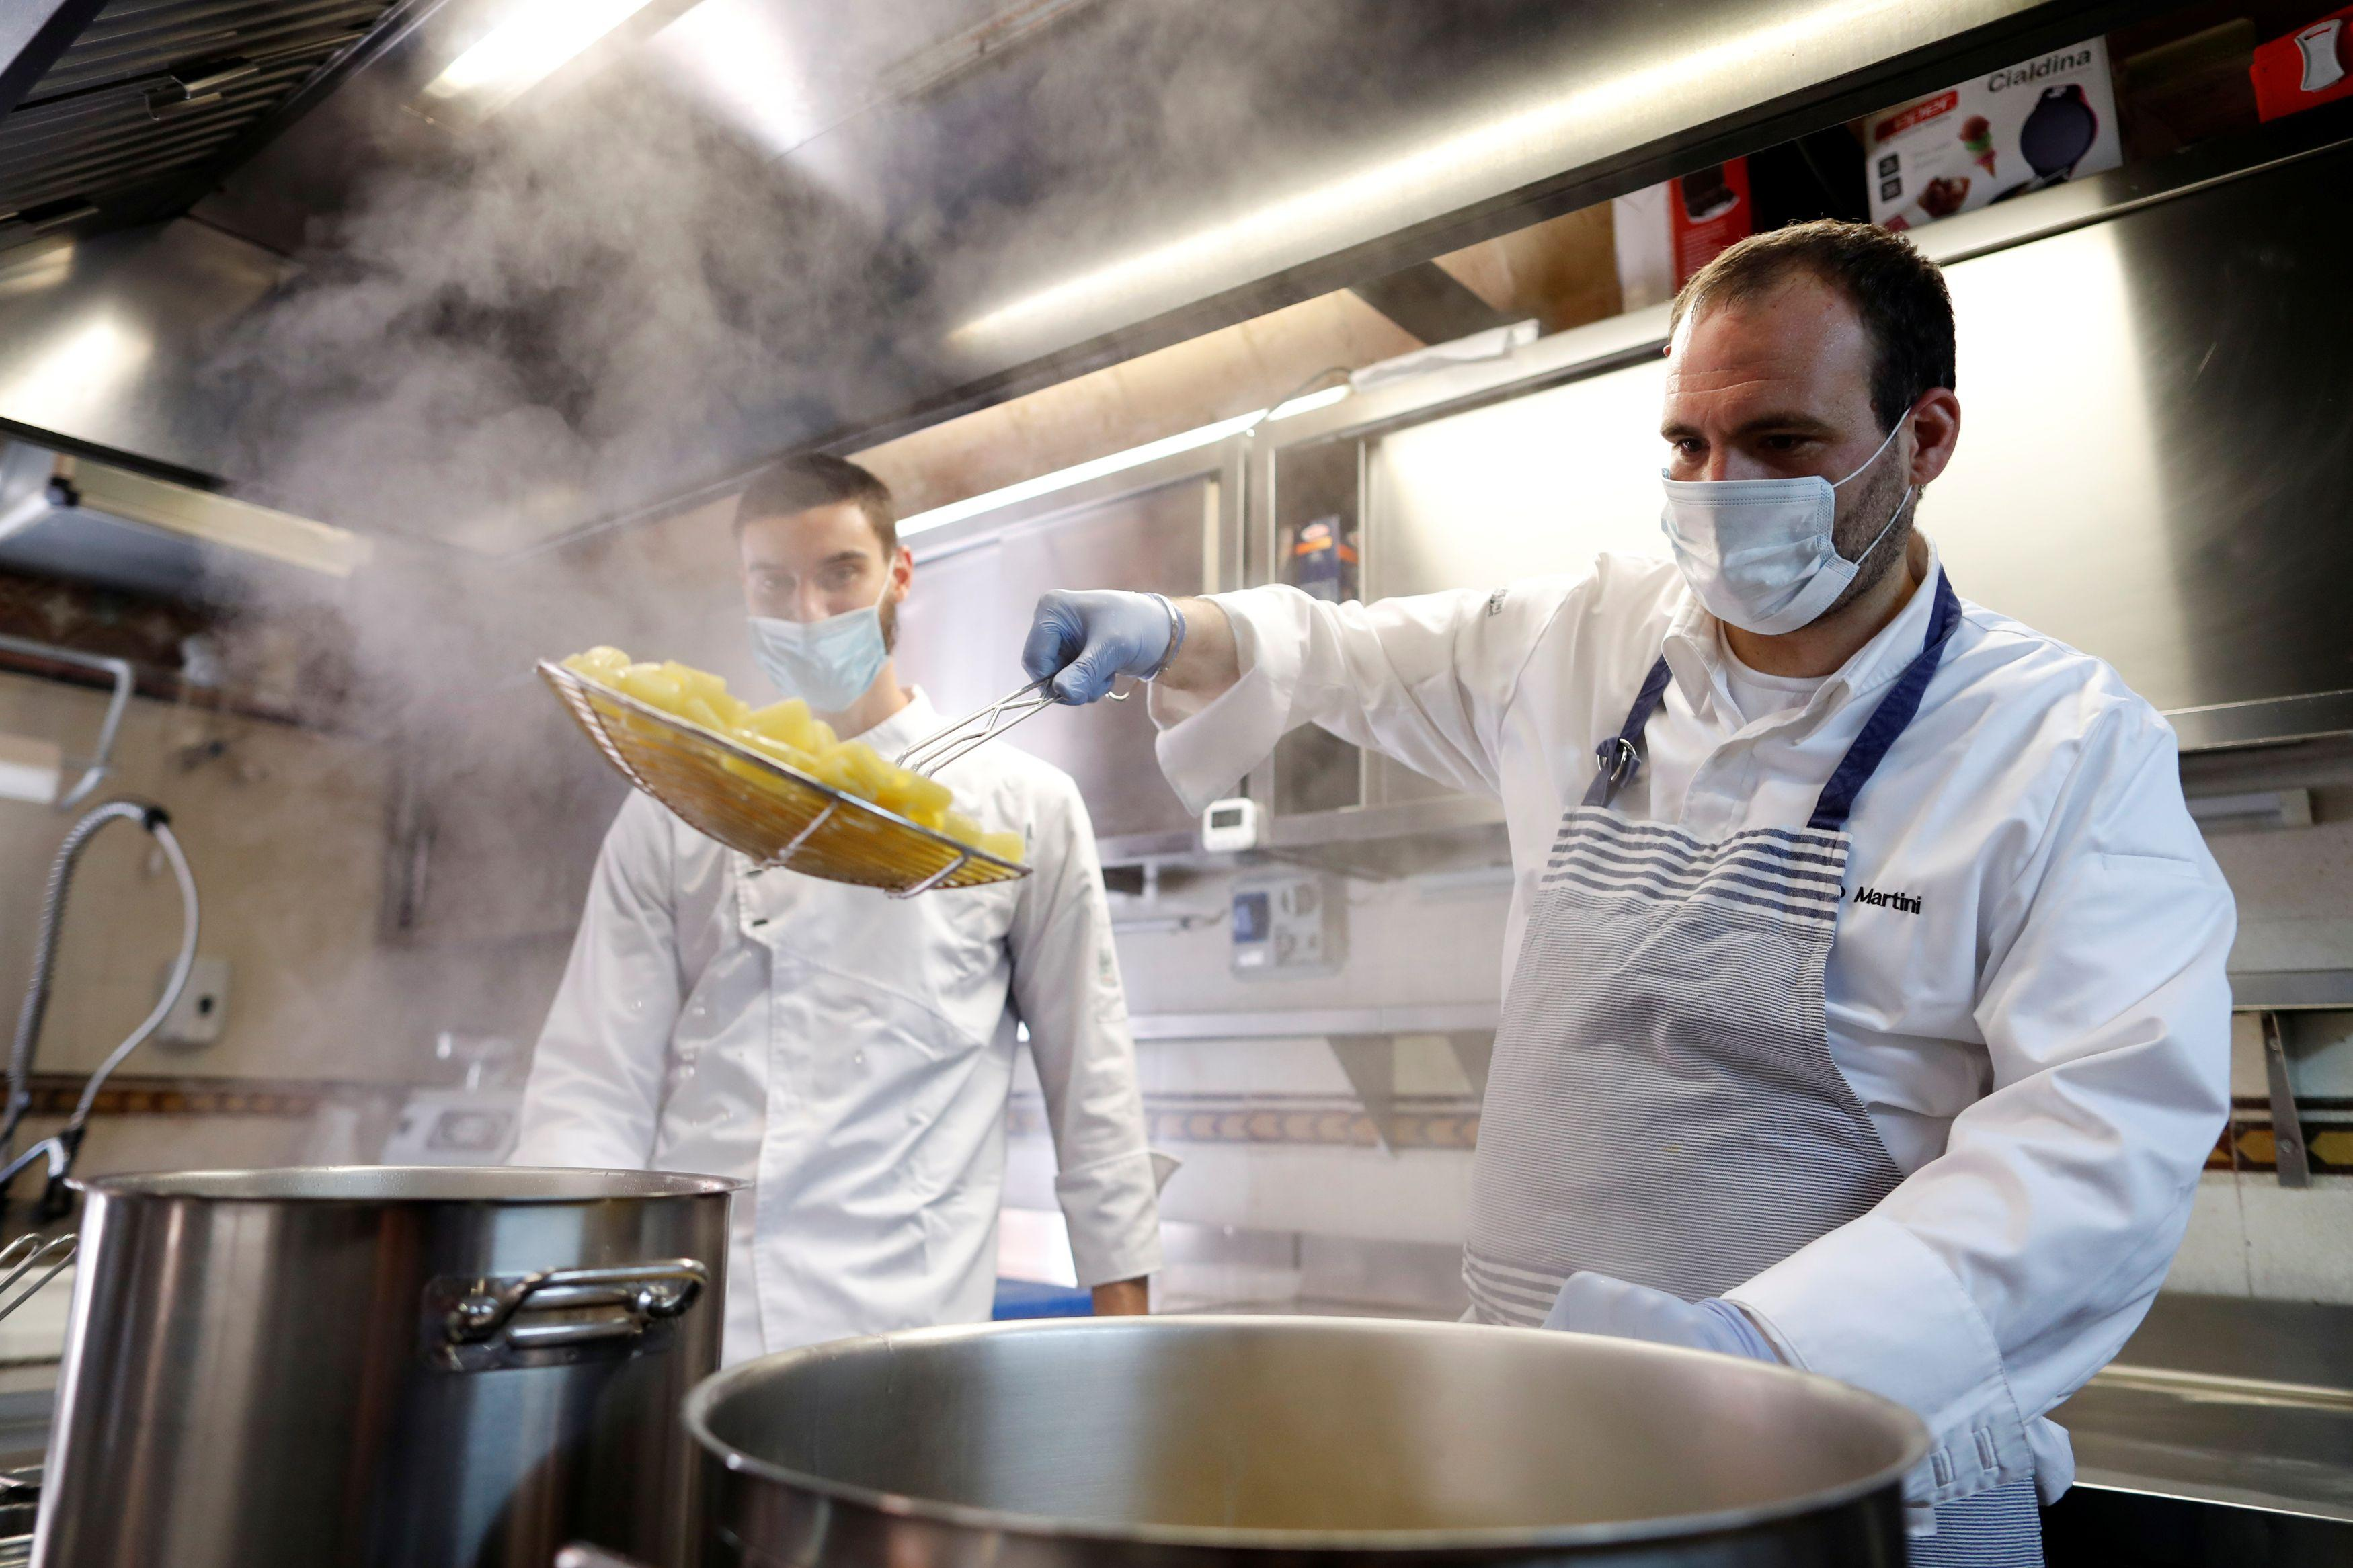 ローマで営業再開を前に衛生規則確認のためランチを作るレストランのオーナー=15日(ロイター=共同)